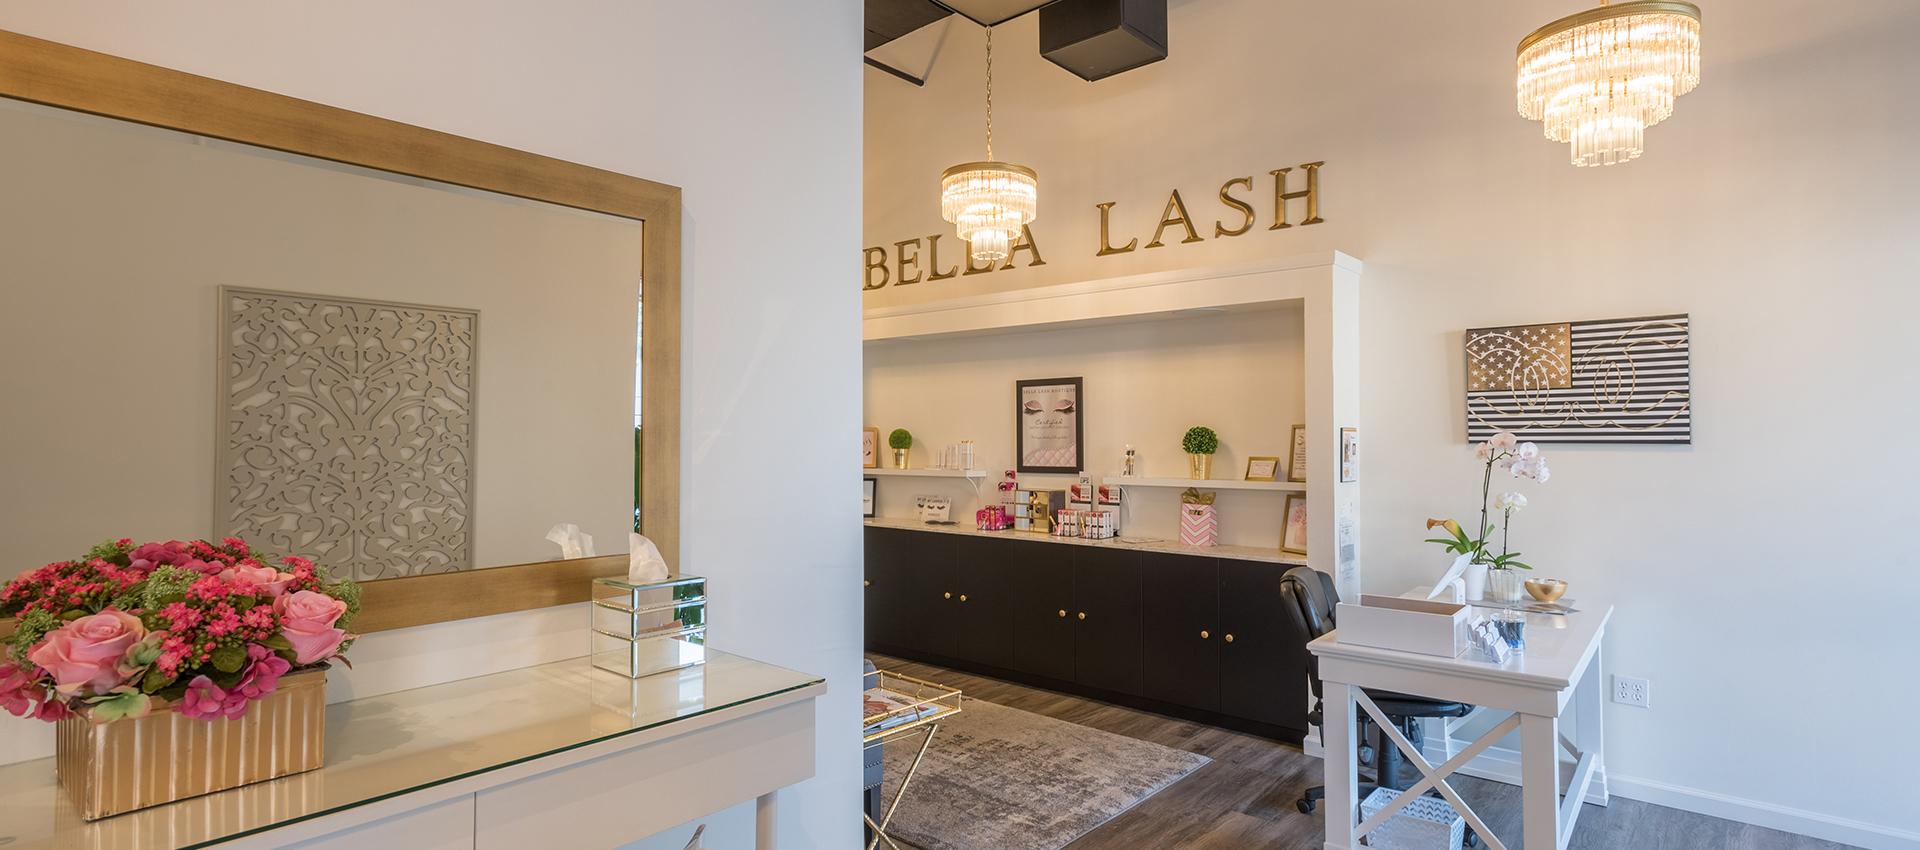 Bella Lash Boutique Bella Lash Boutique